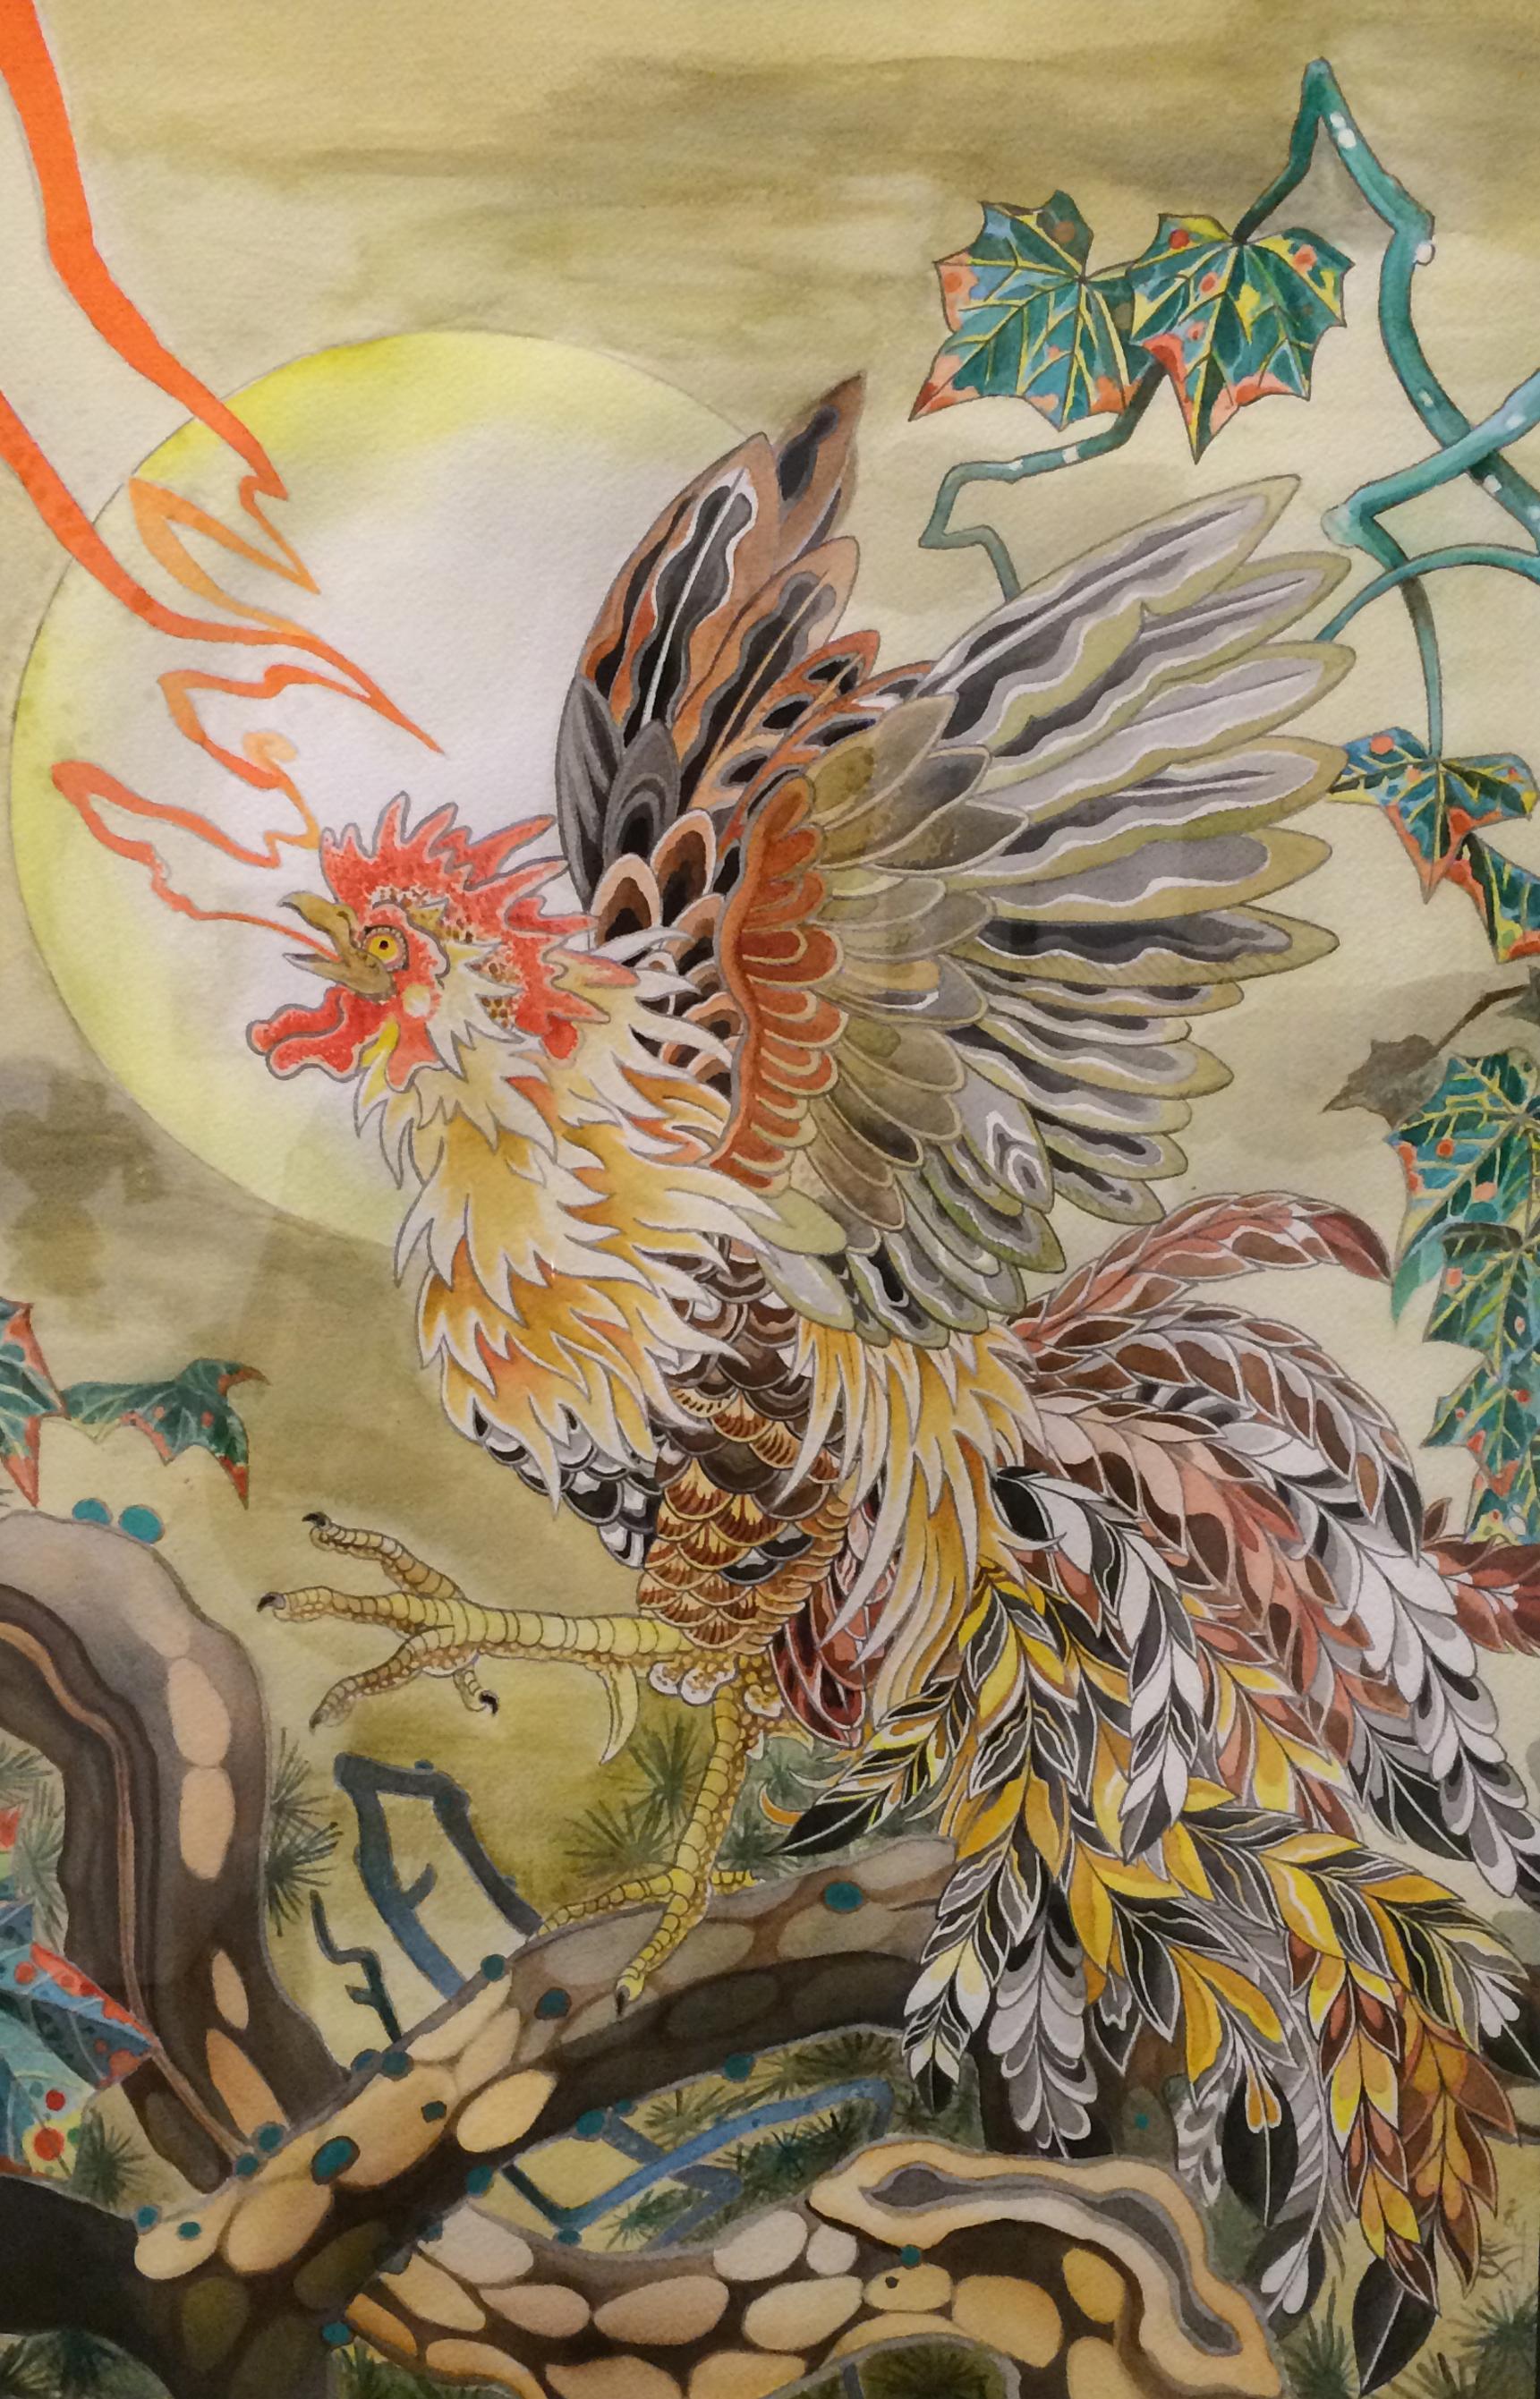 Espi.  Basan . 2014 - watercolor on paper, 2.5' x 2'.